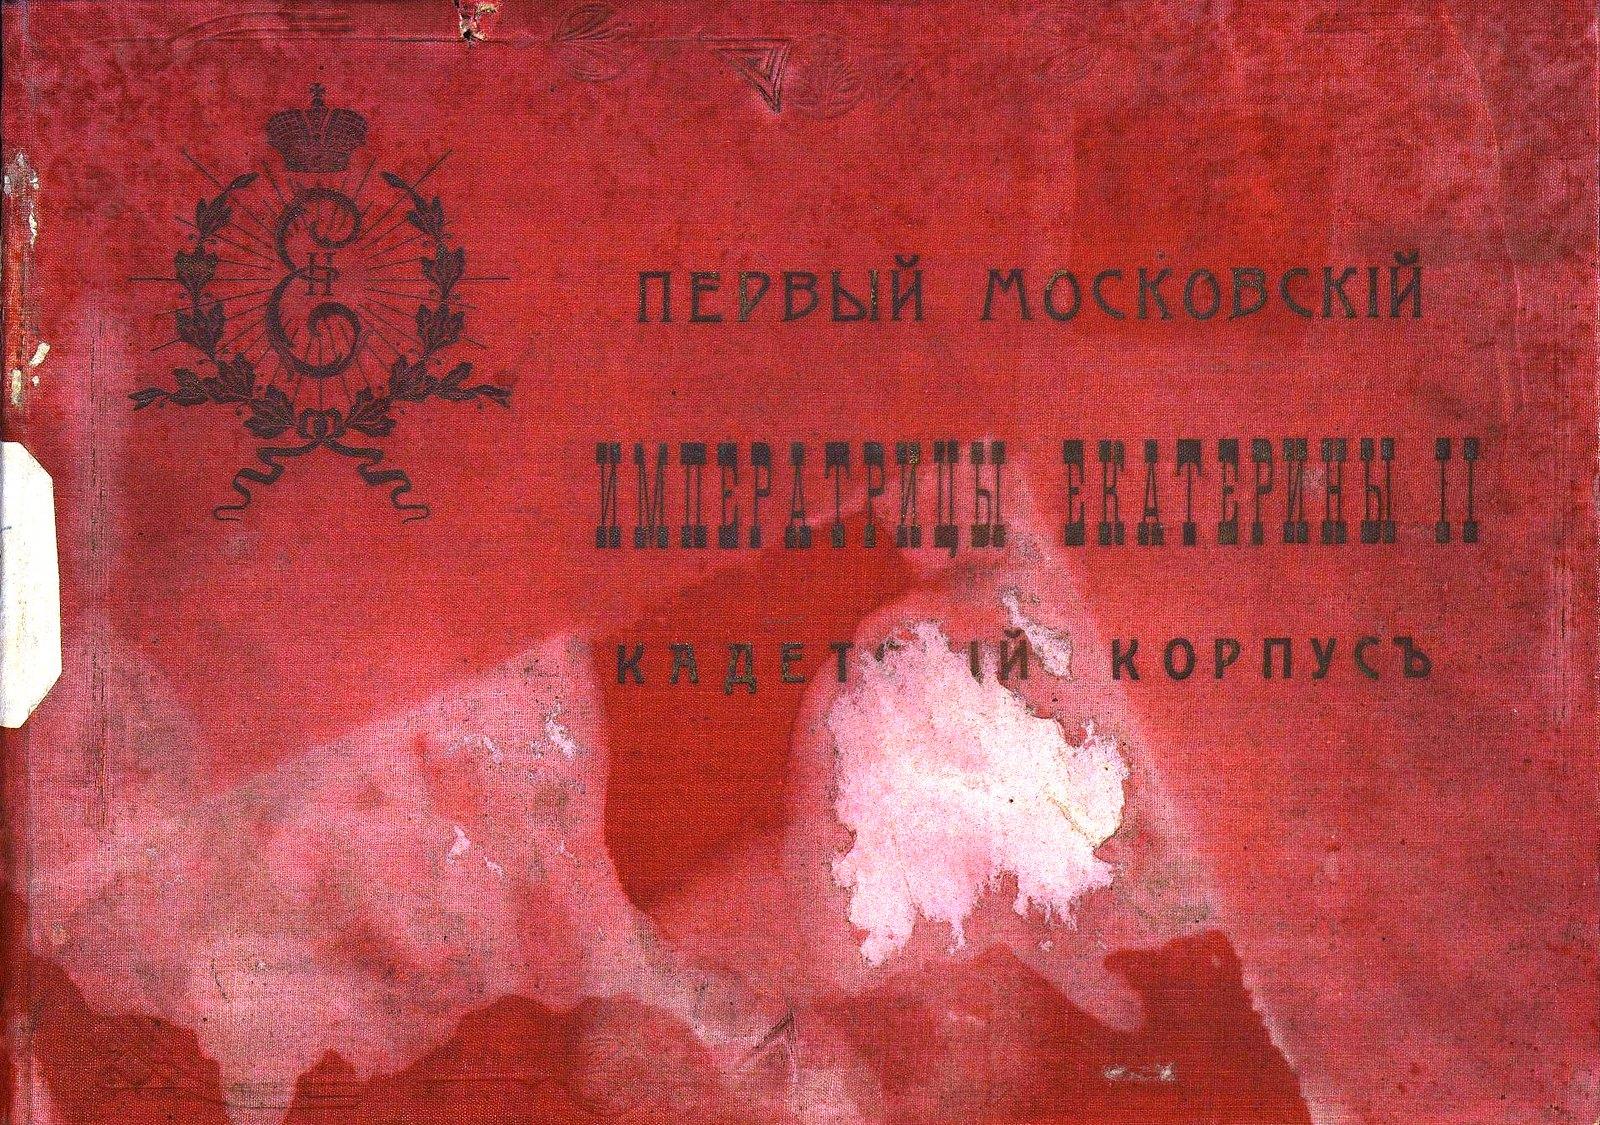 63. Обложка альбома